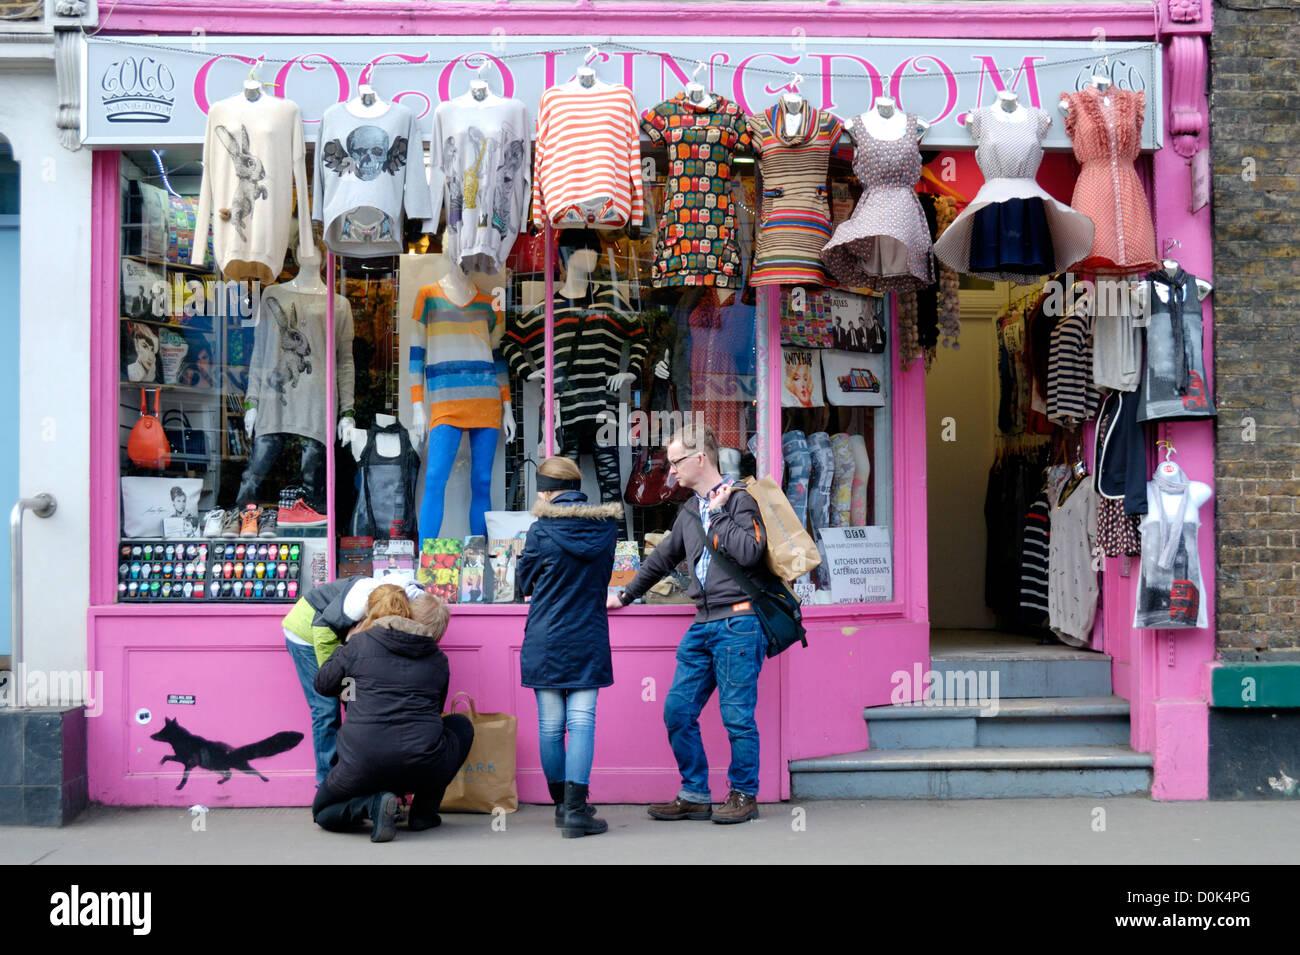 Exterior Of Coco Kingdom Fashion Boutique In Pembridge Road